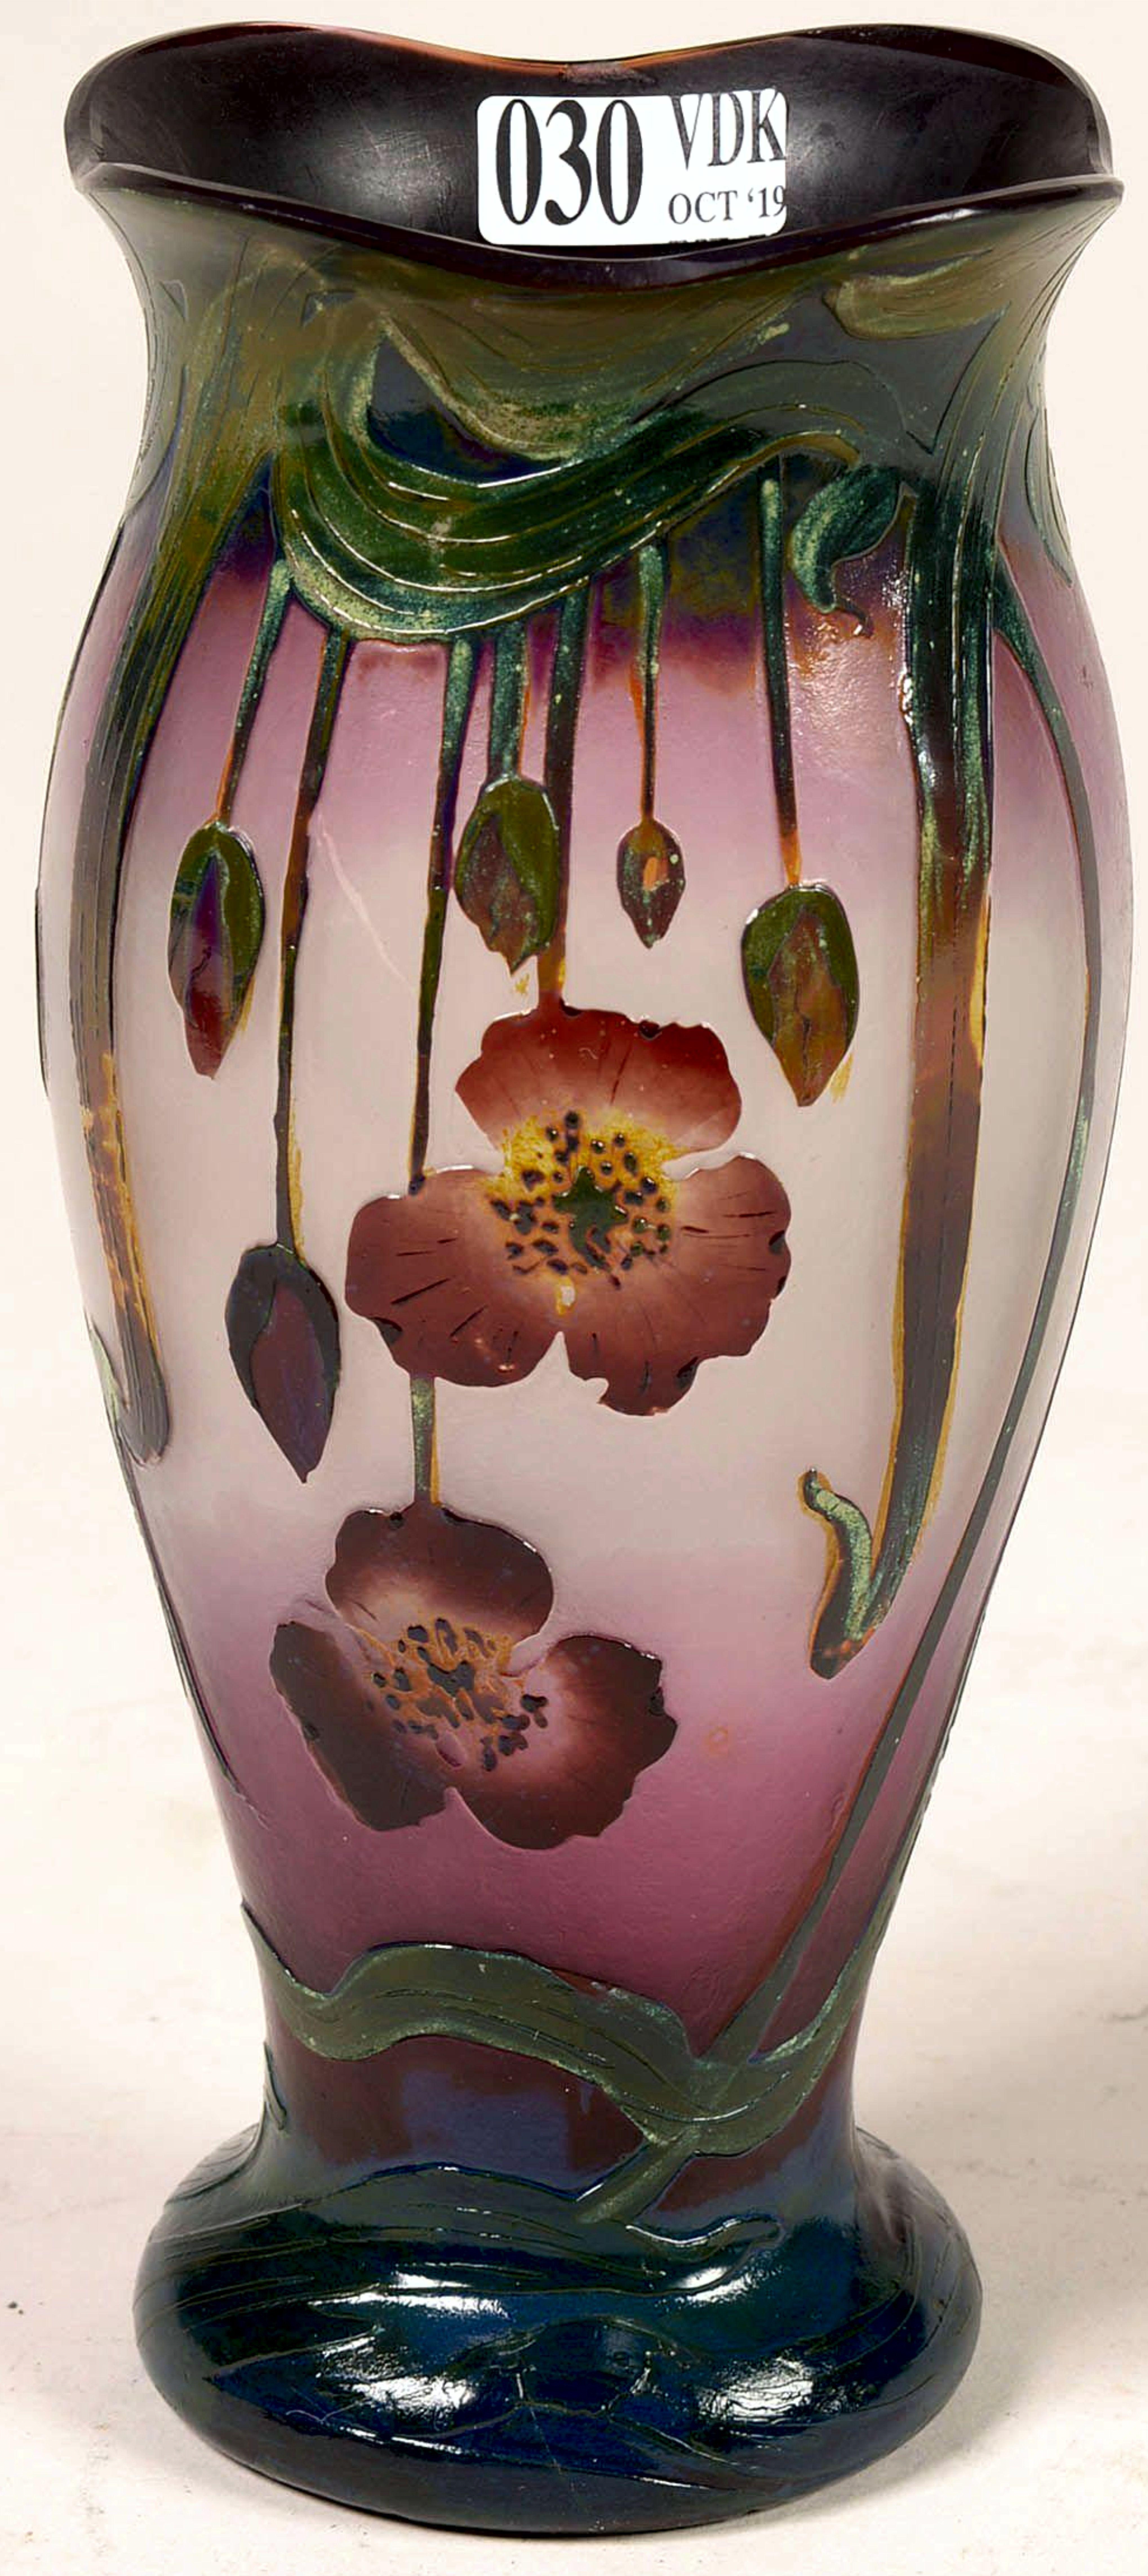 description petit vase art nouveau en verre multicouche degage a l acide au decor floral rouge et vert sur fond rose s klassizismus rokoko klassische moderne